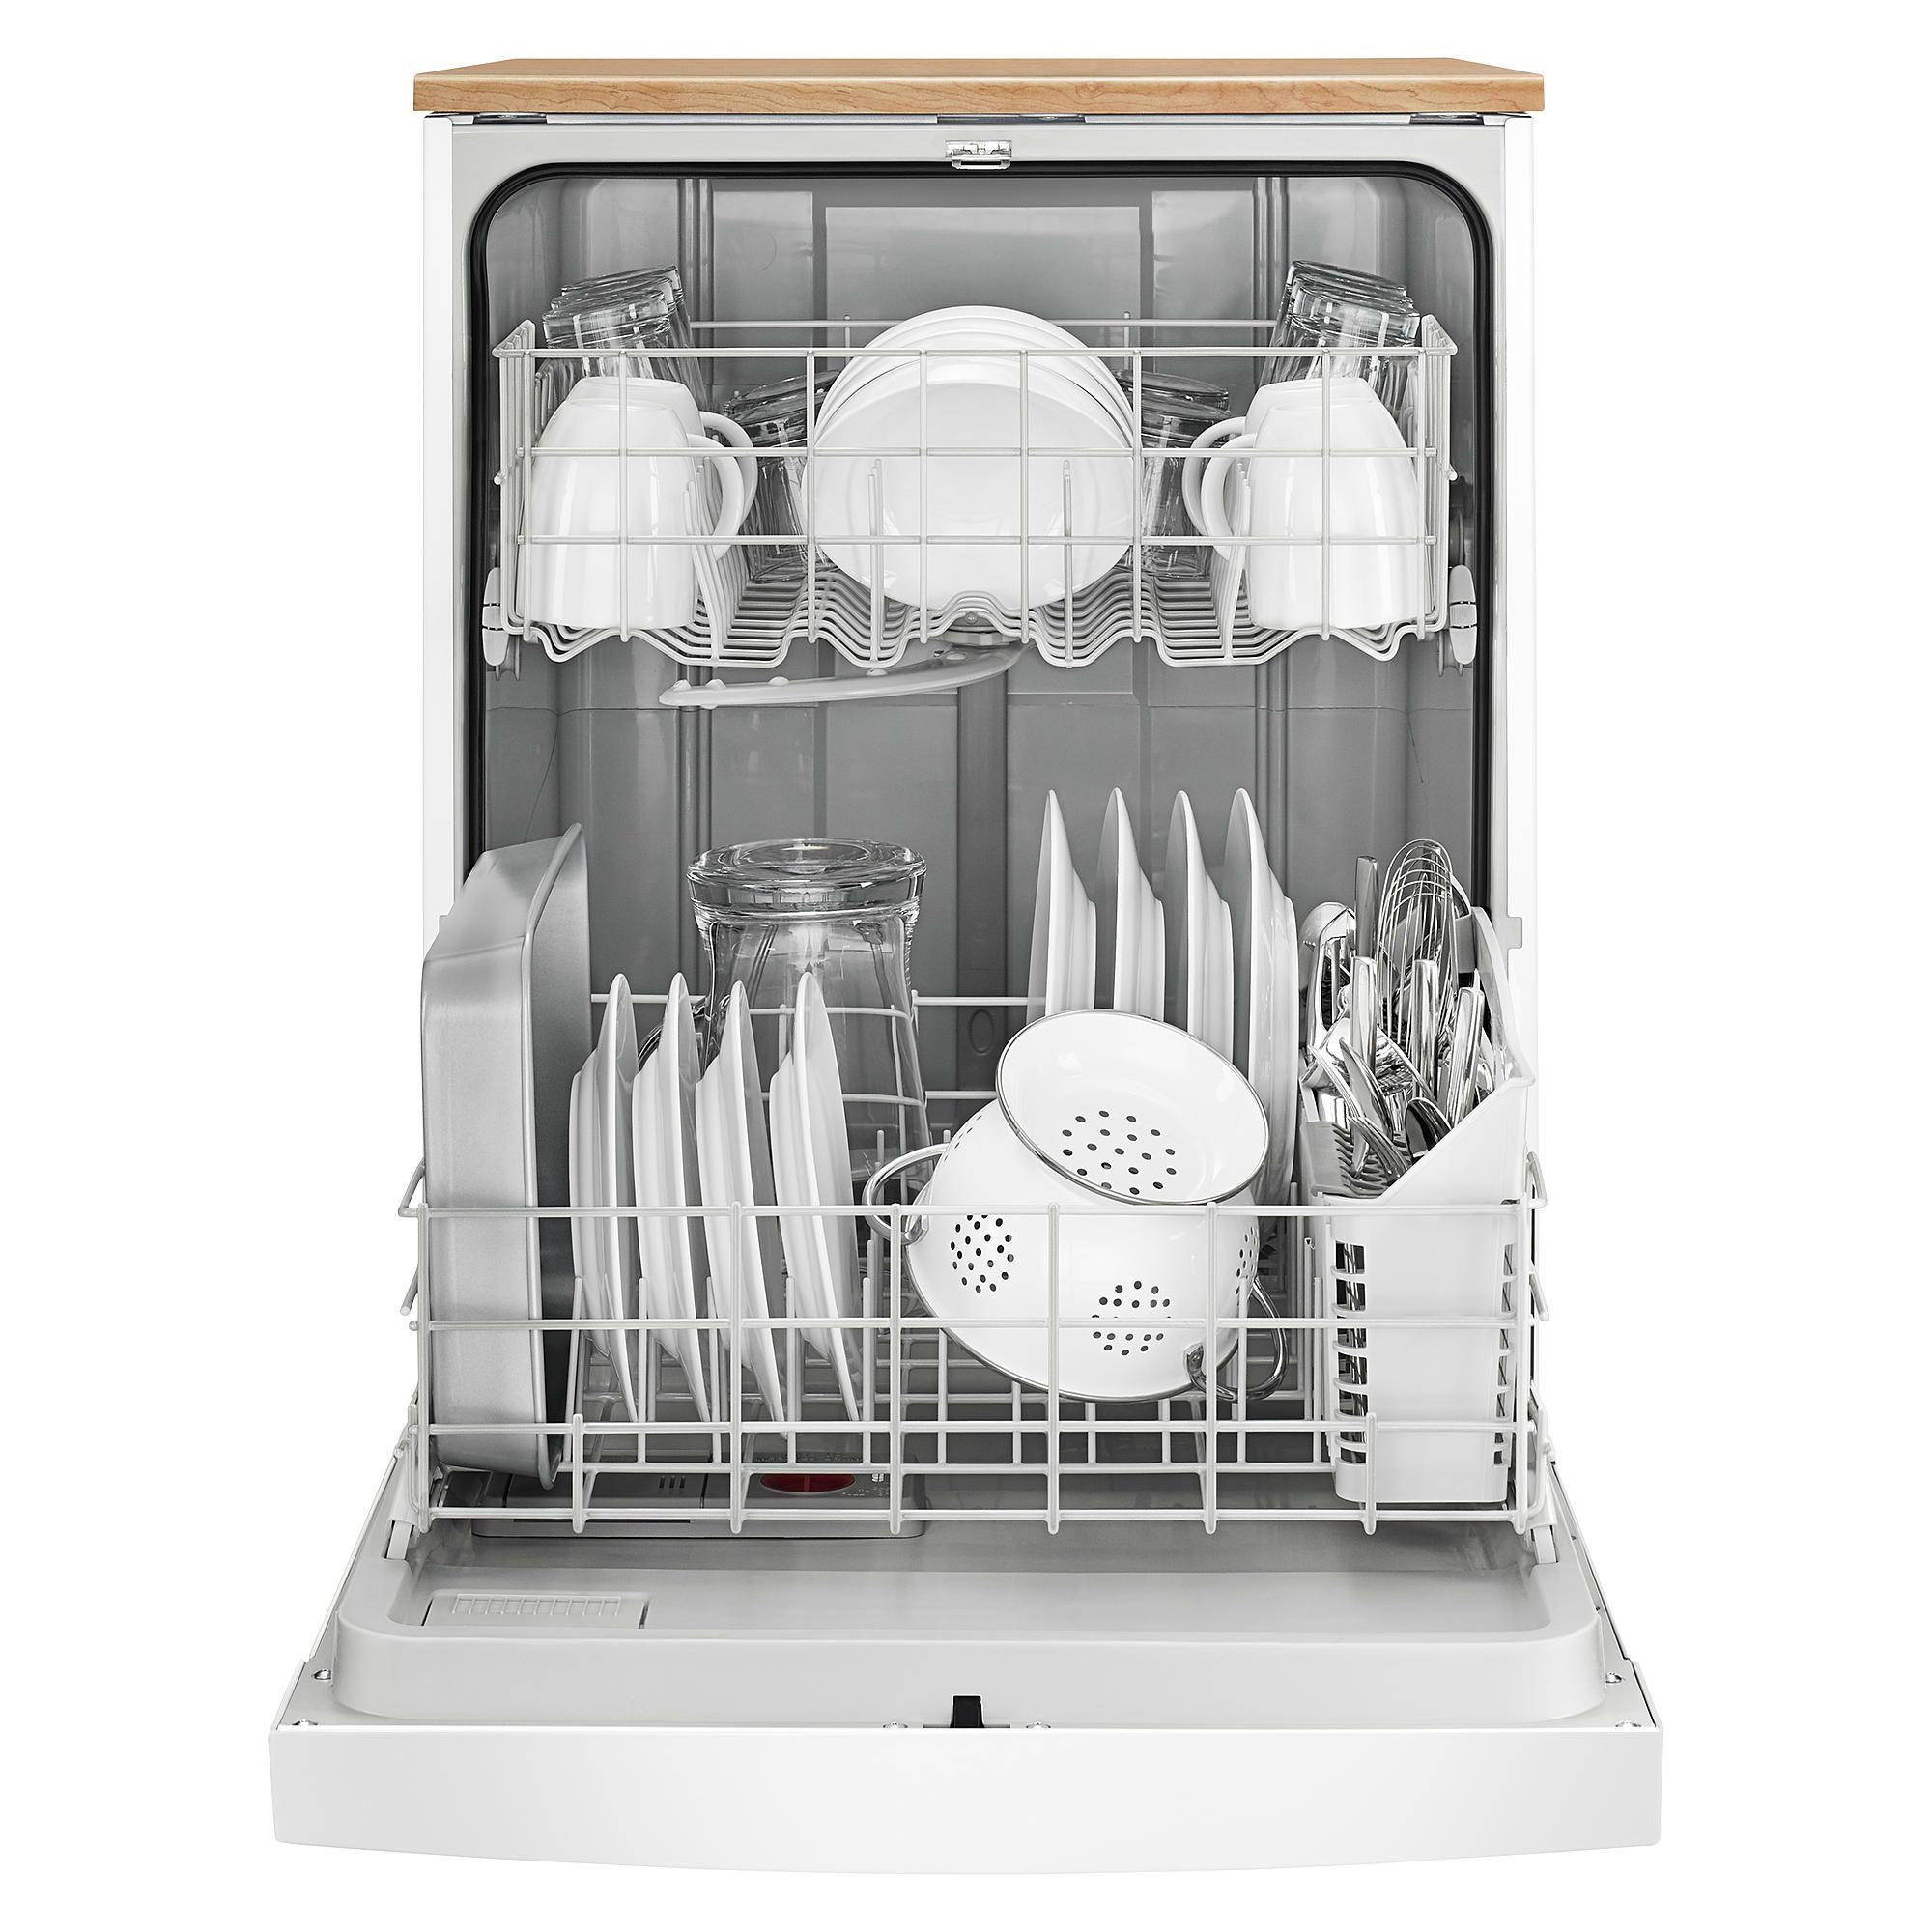 Kenmore 24 Has Upper Spinner Built In Dishwasher Dishwasher